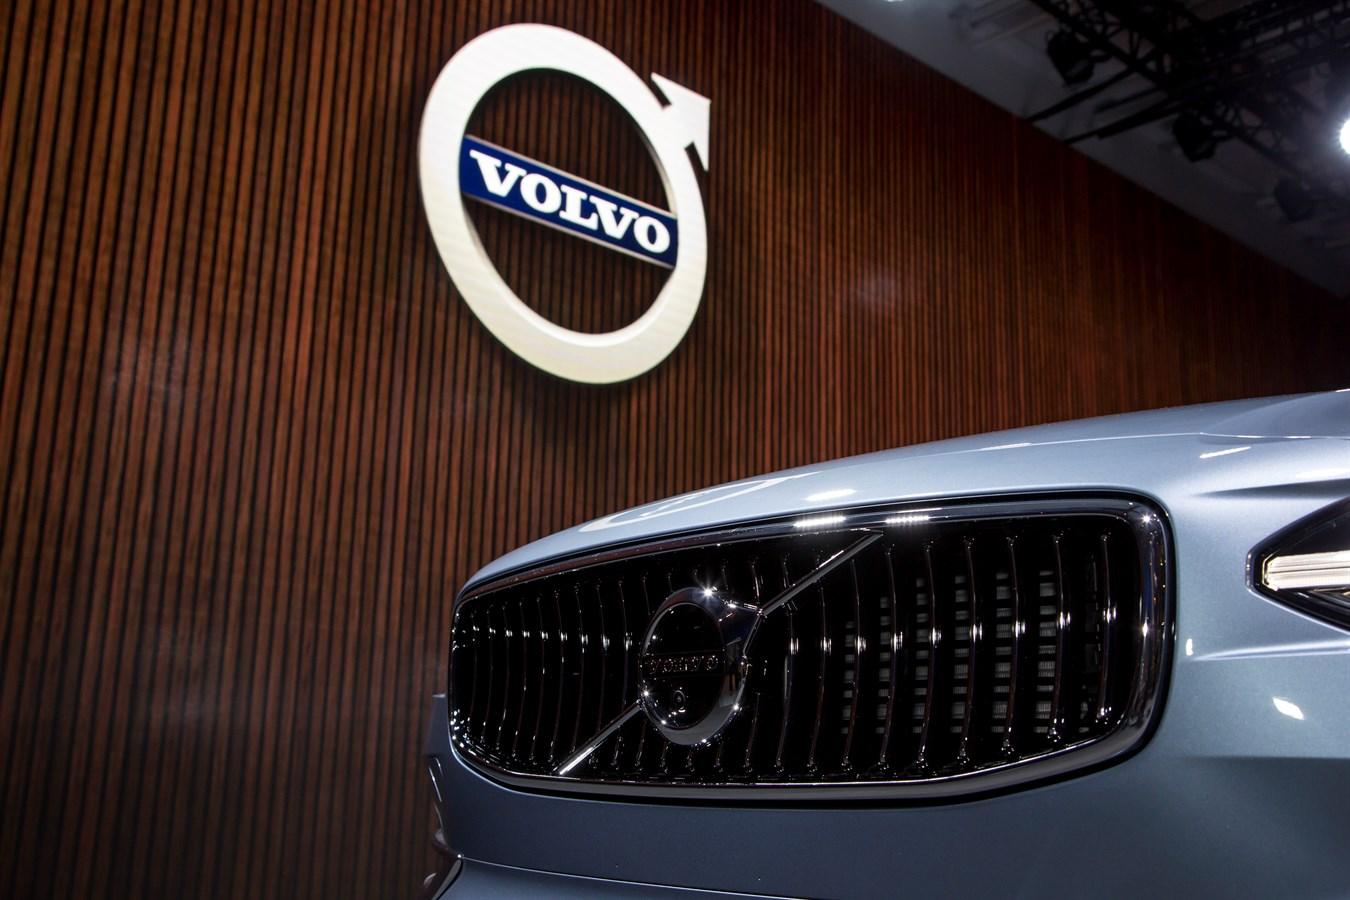 Volvo S90 présentation Goteborg 2 décembre 2015